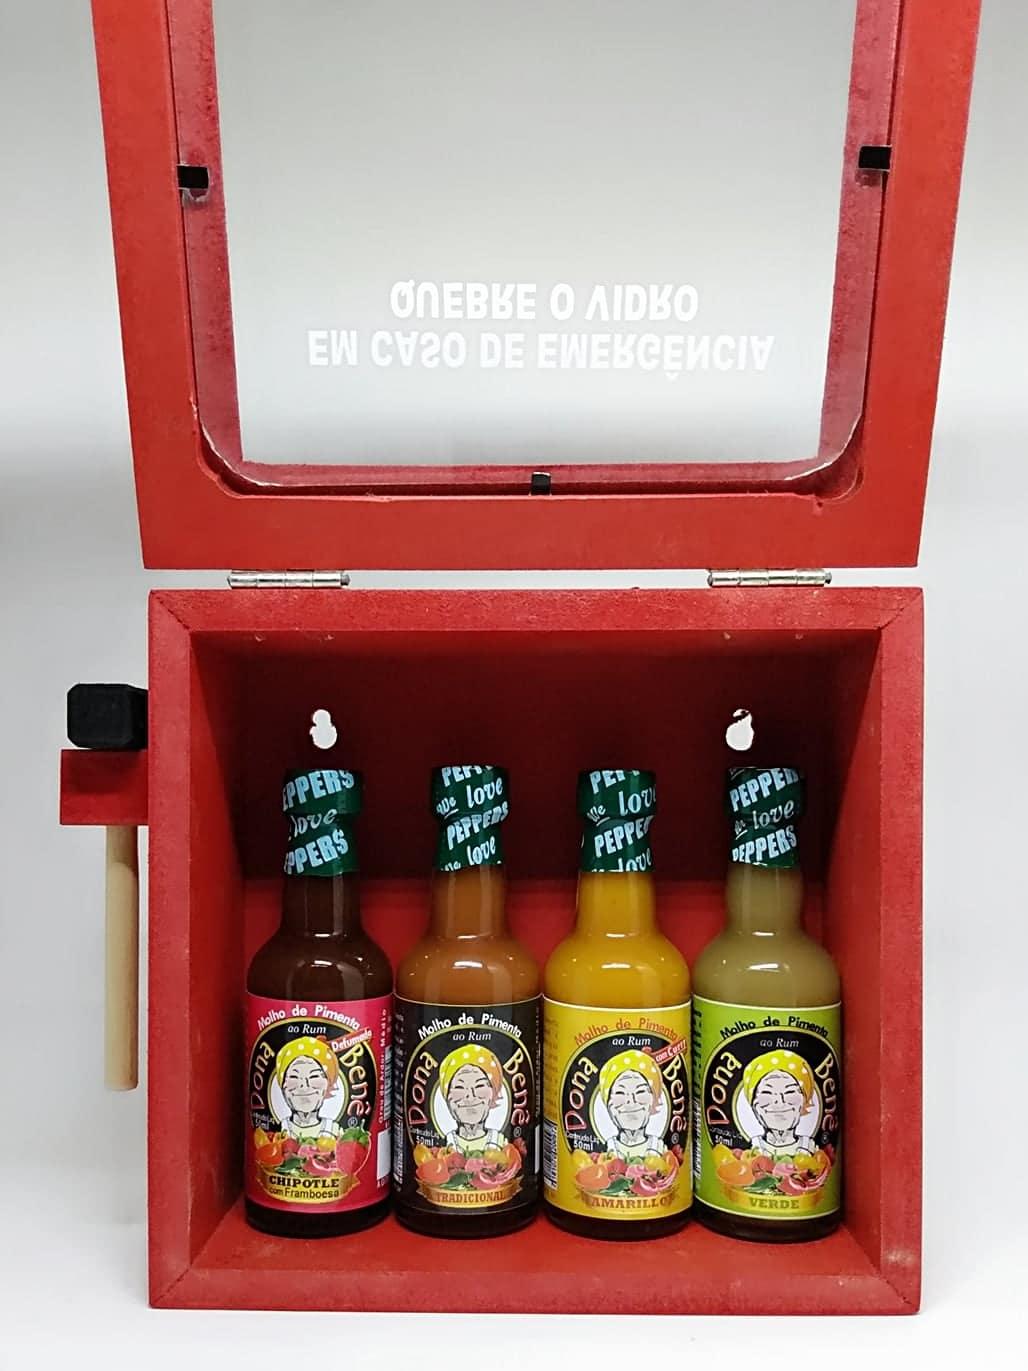 Caixa de Emergência We Love Peppers